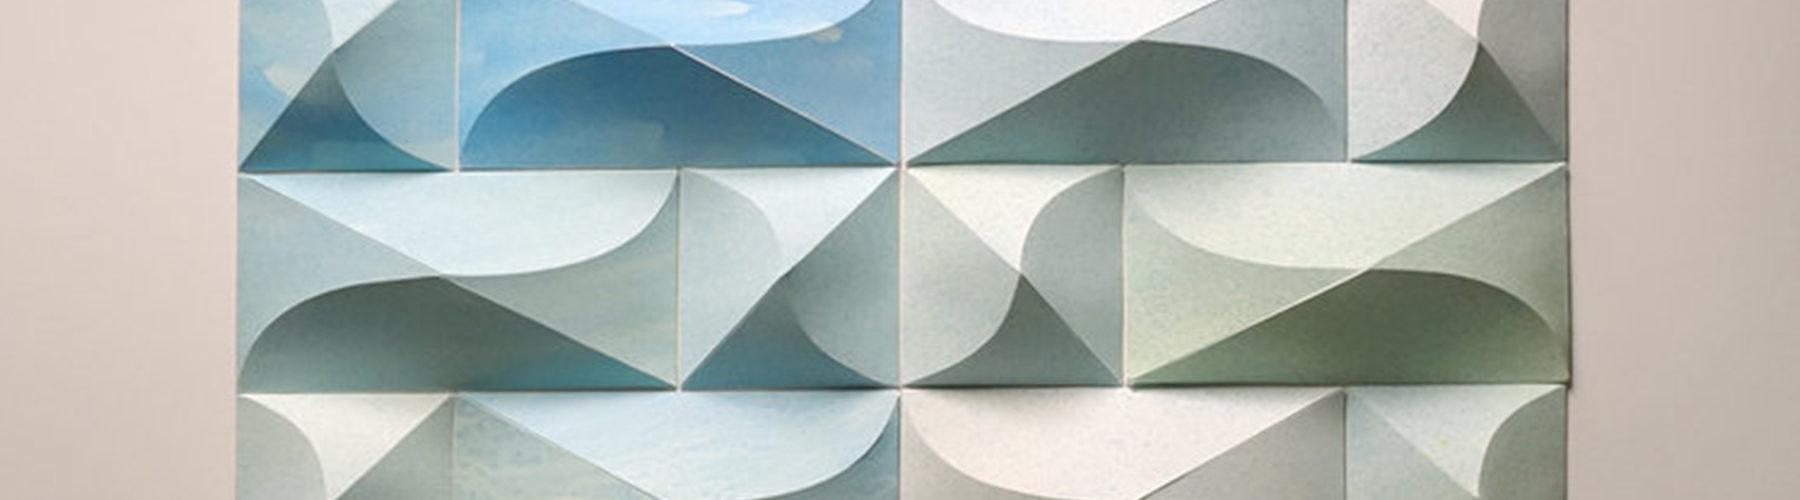 Matthew Shlian, sculpture en papier